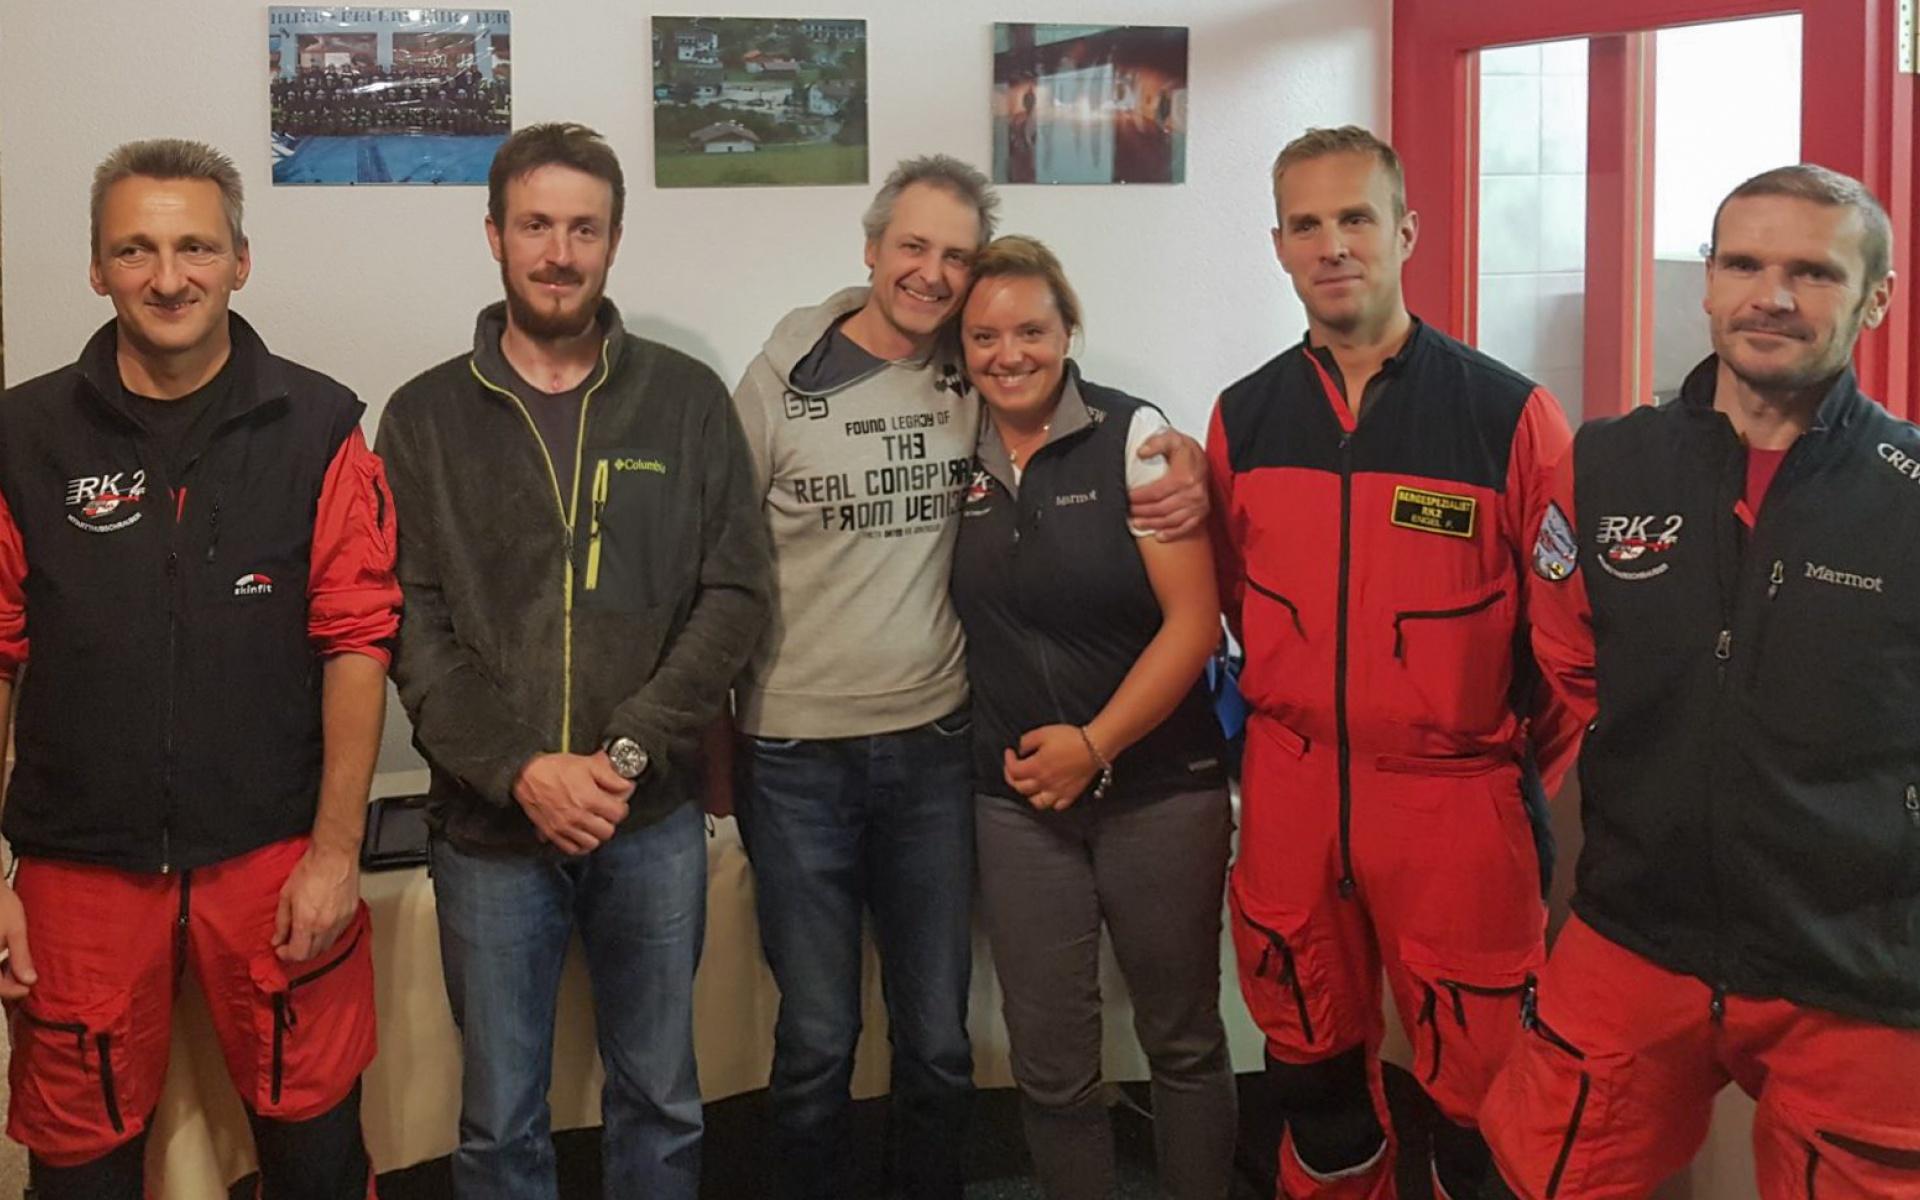 Retter und Gerettete: Die Besatzung von RK-2 wurde zu einer kleinen Dankesfeier zweier Angestellter der Gemeinde Lermoos eingeladen.